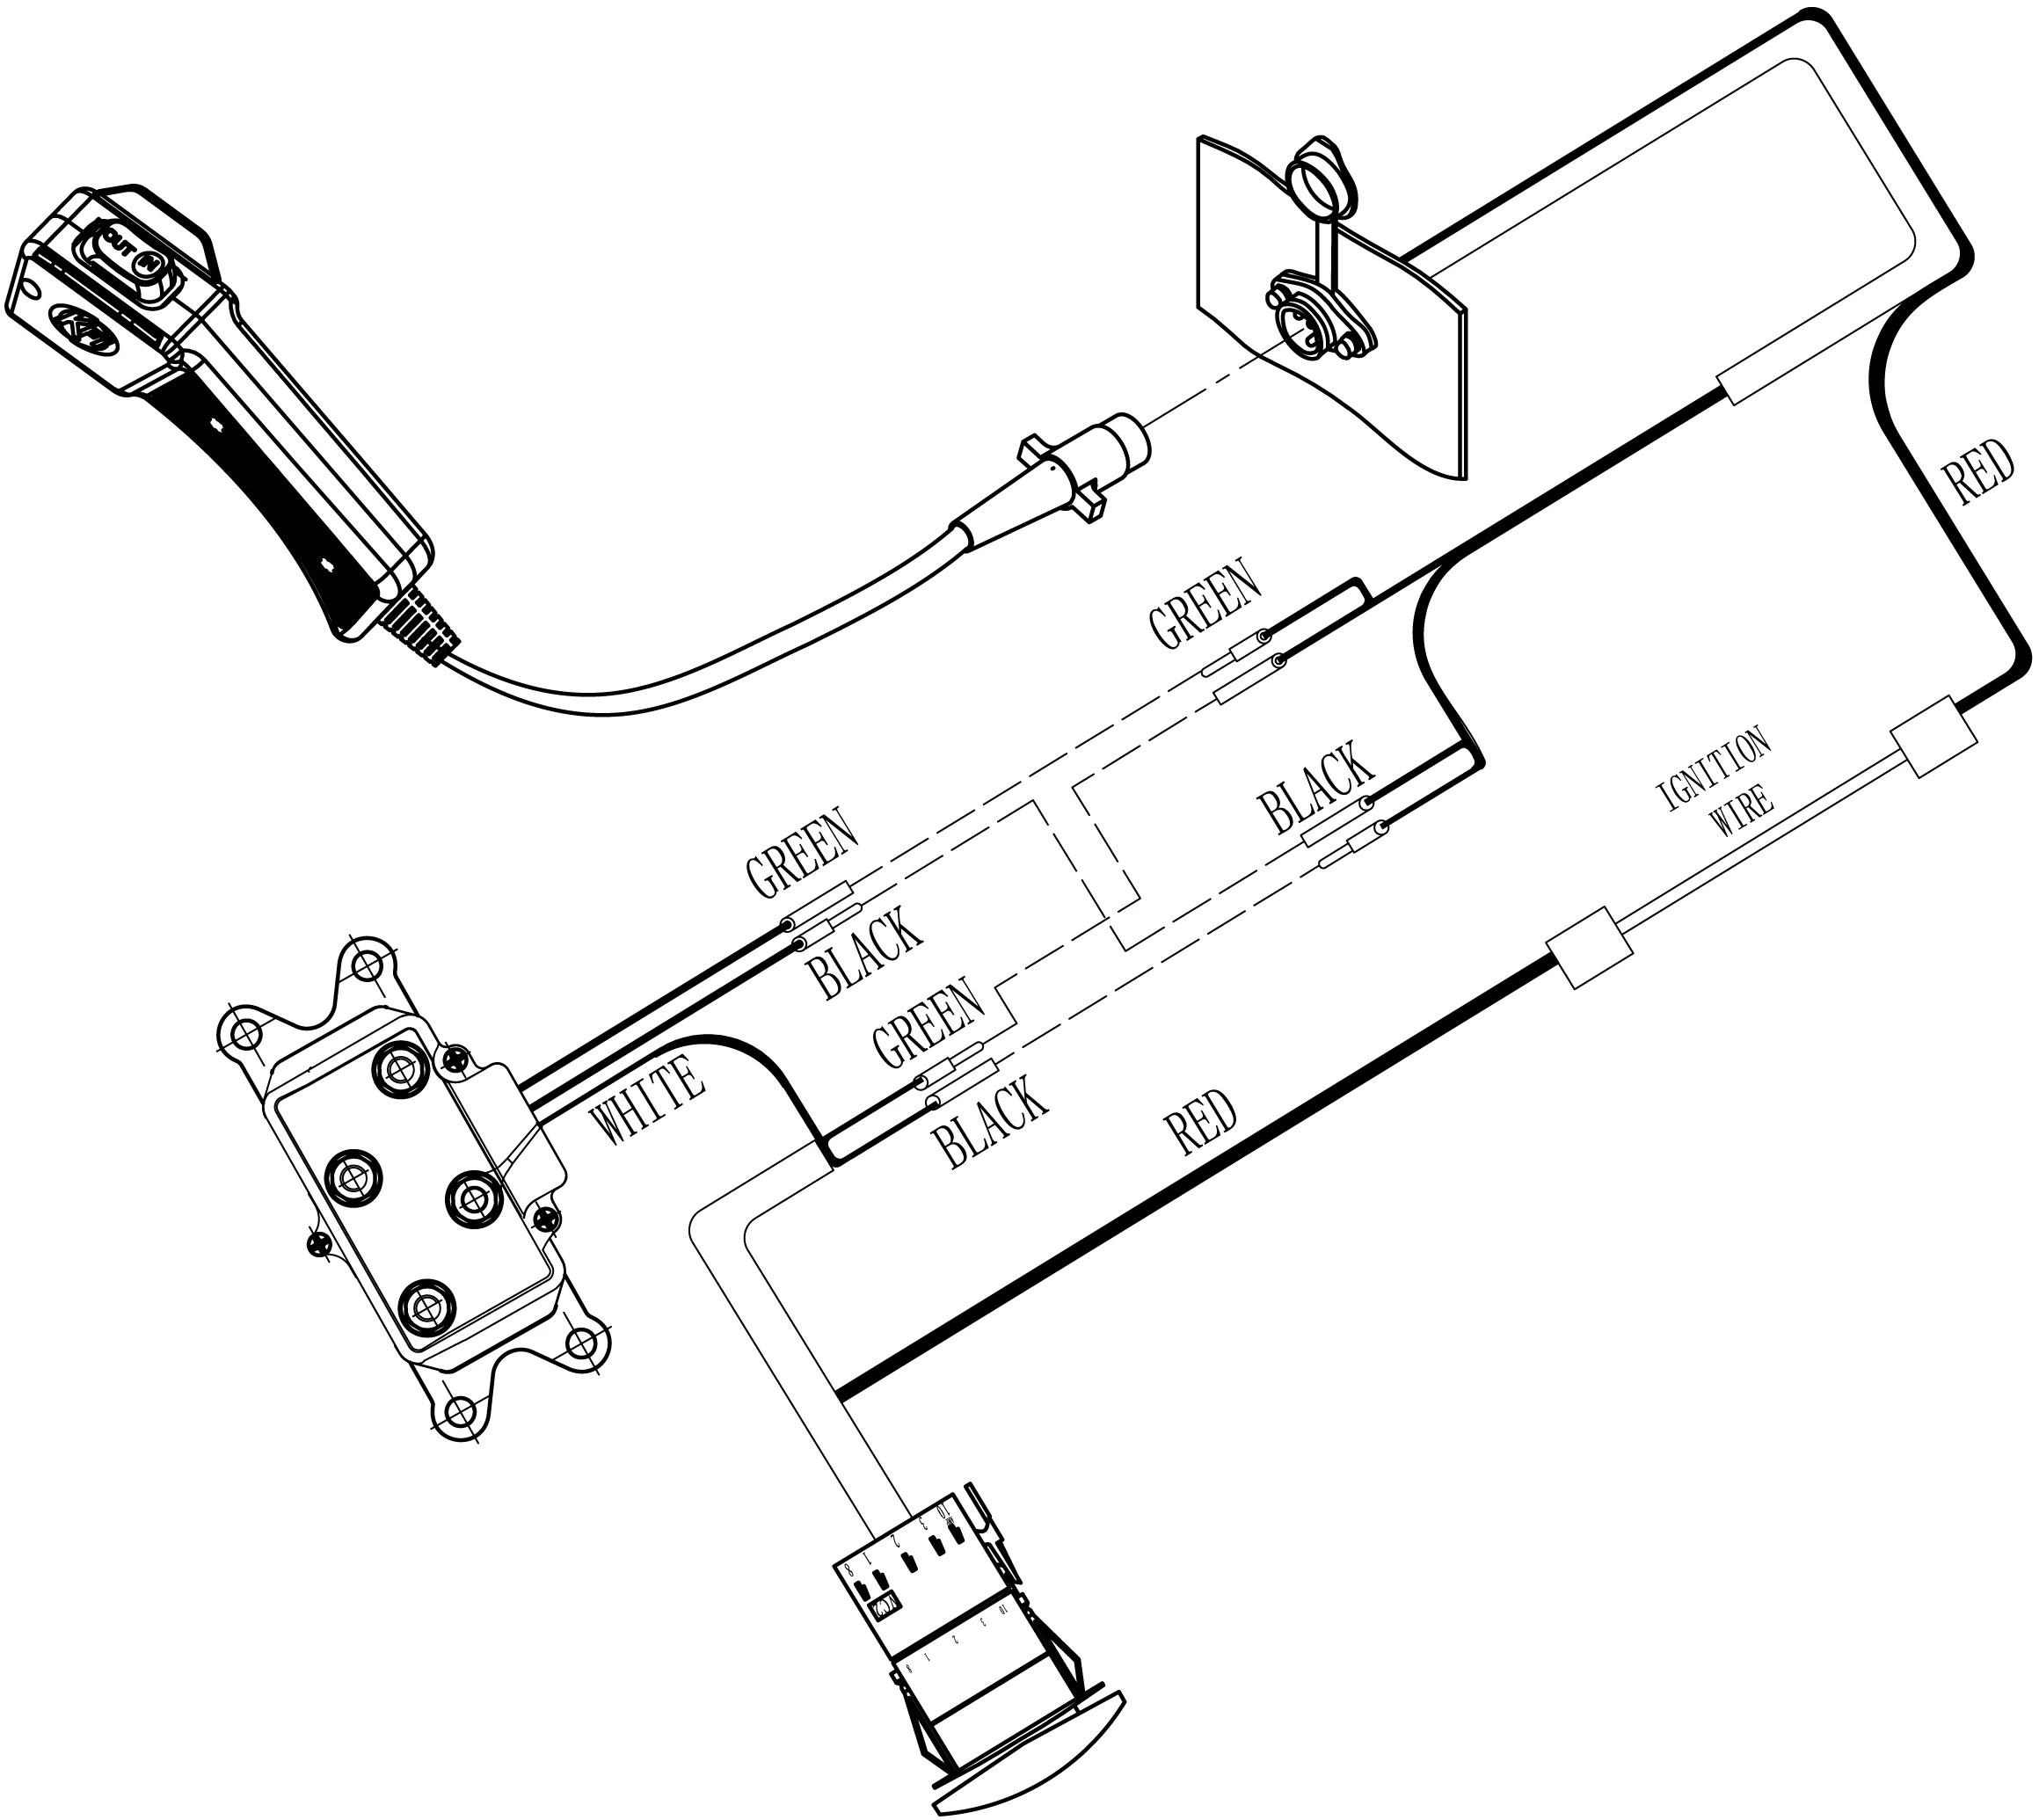 replacement kfi winch contactor [ 2319 x 2070 Pixel ]